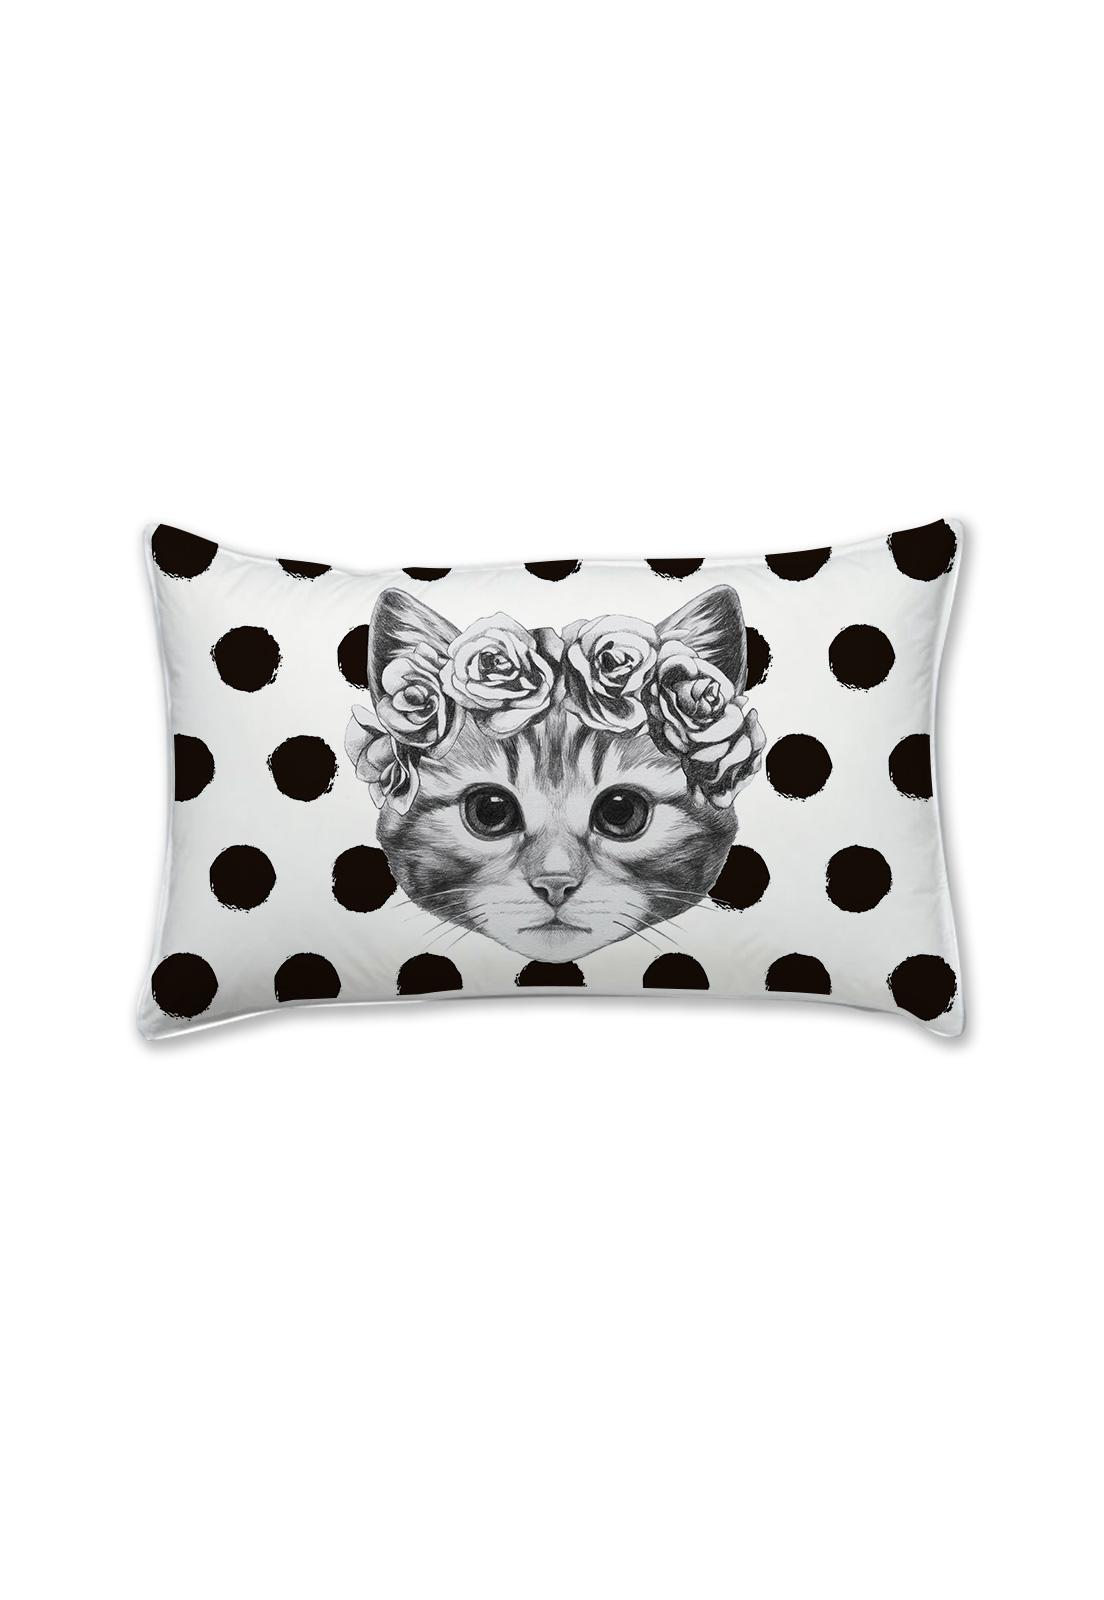 Mini almohada gata pintas negras